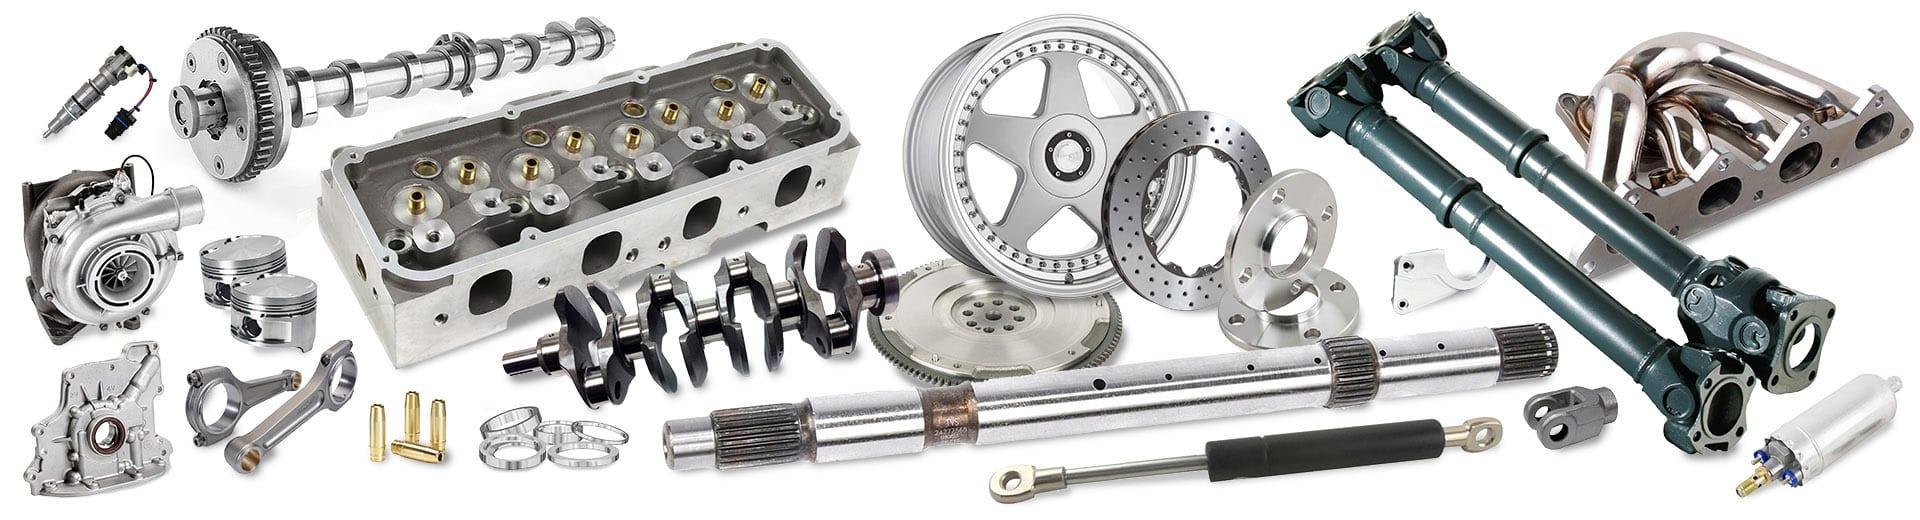 automotive components montage